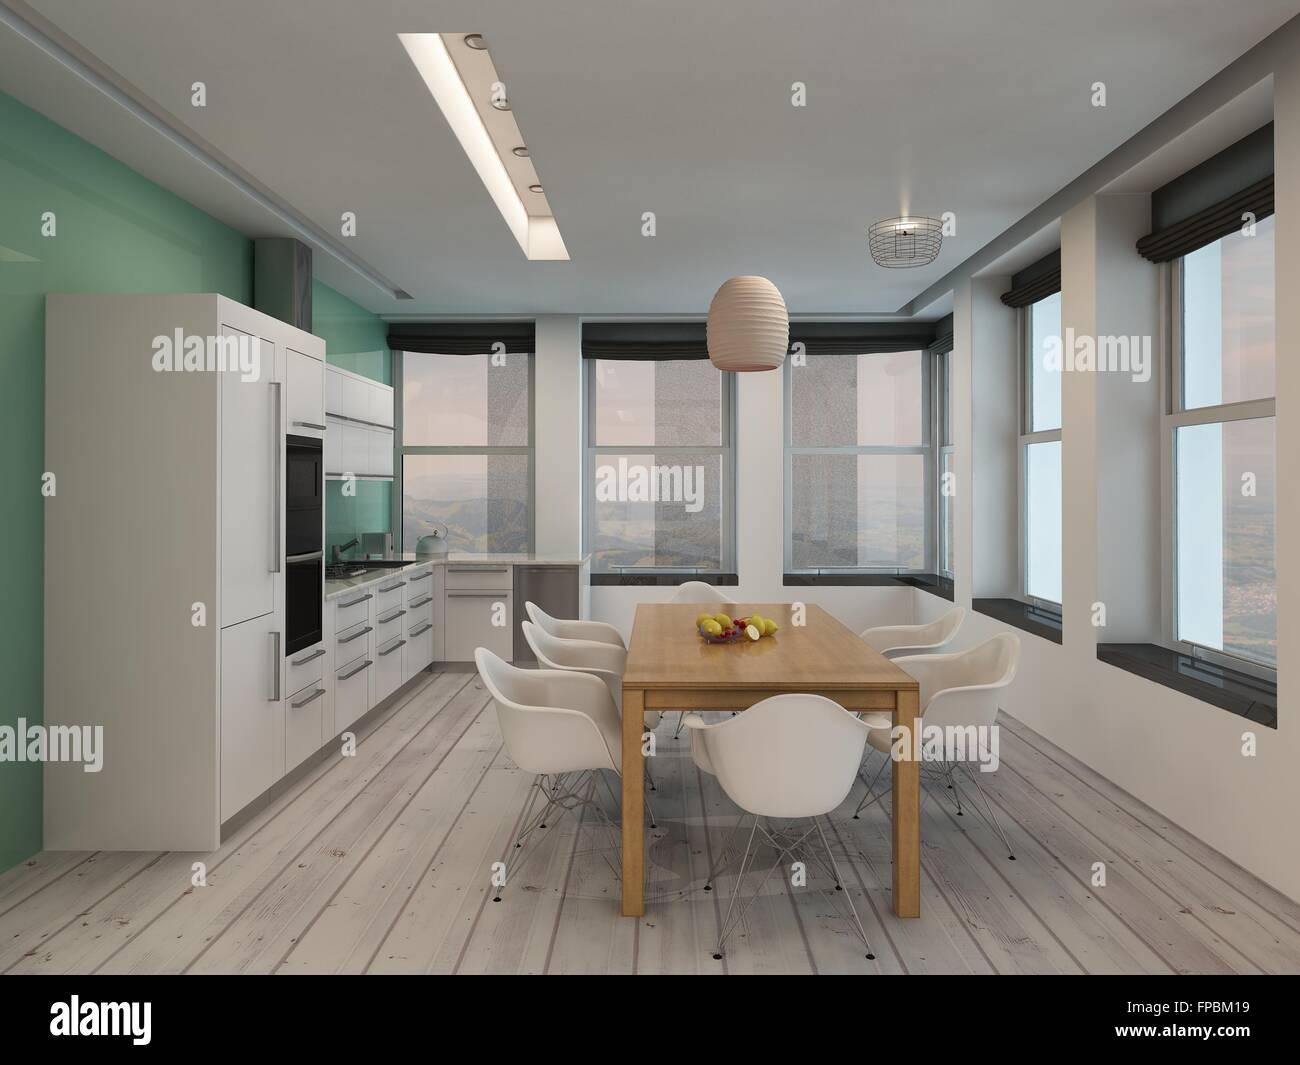 Moderna cocina abierta y comedor interior con construido en los ...